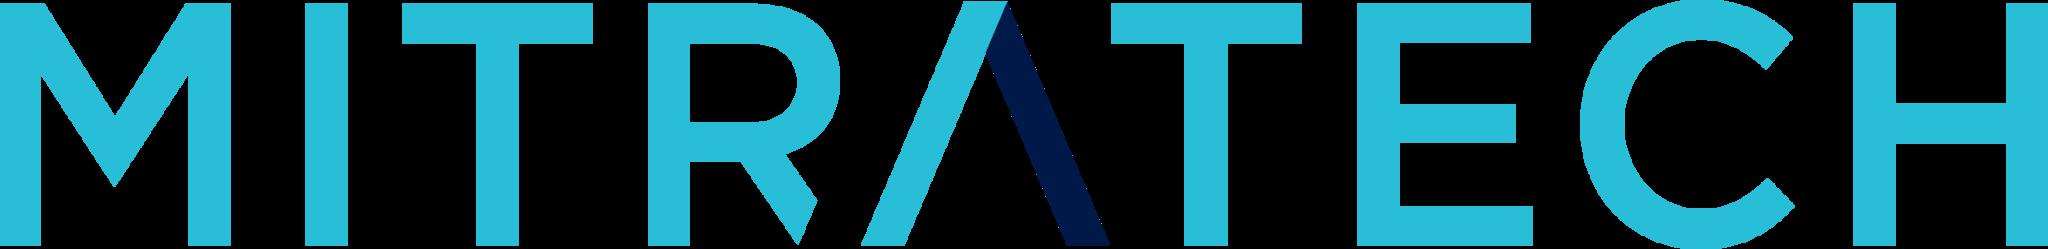 Mitratech Collaborati logo